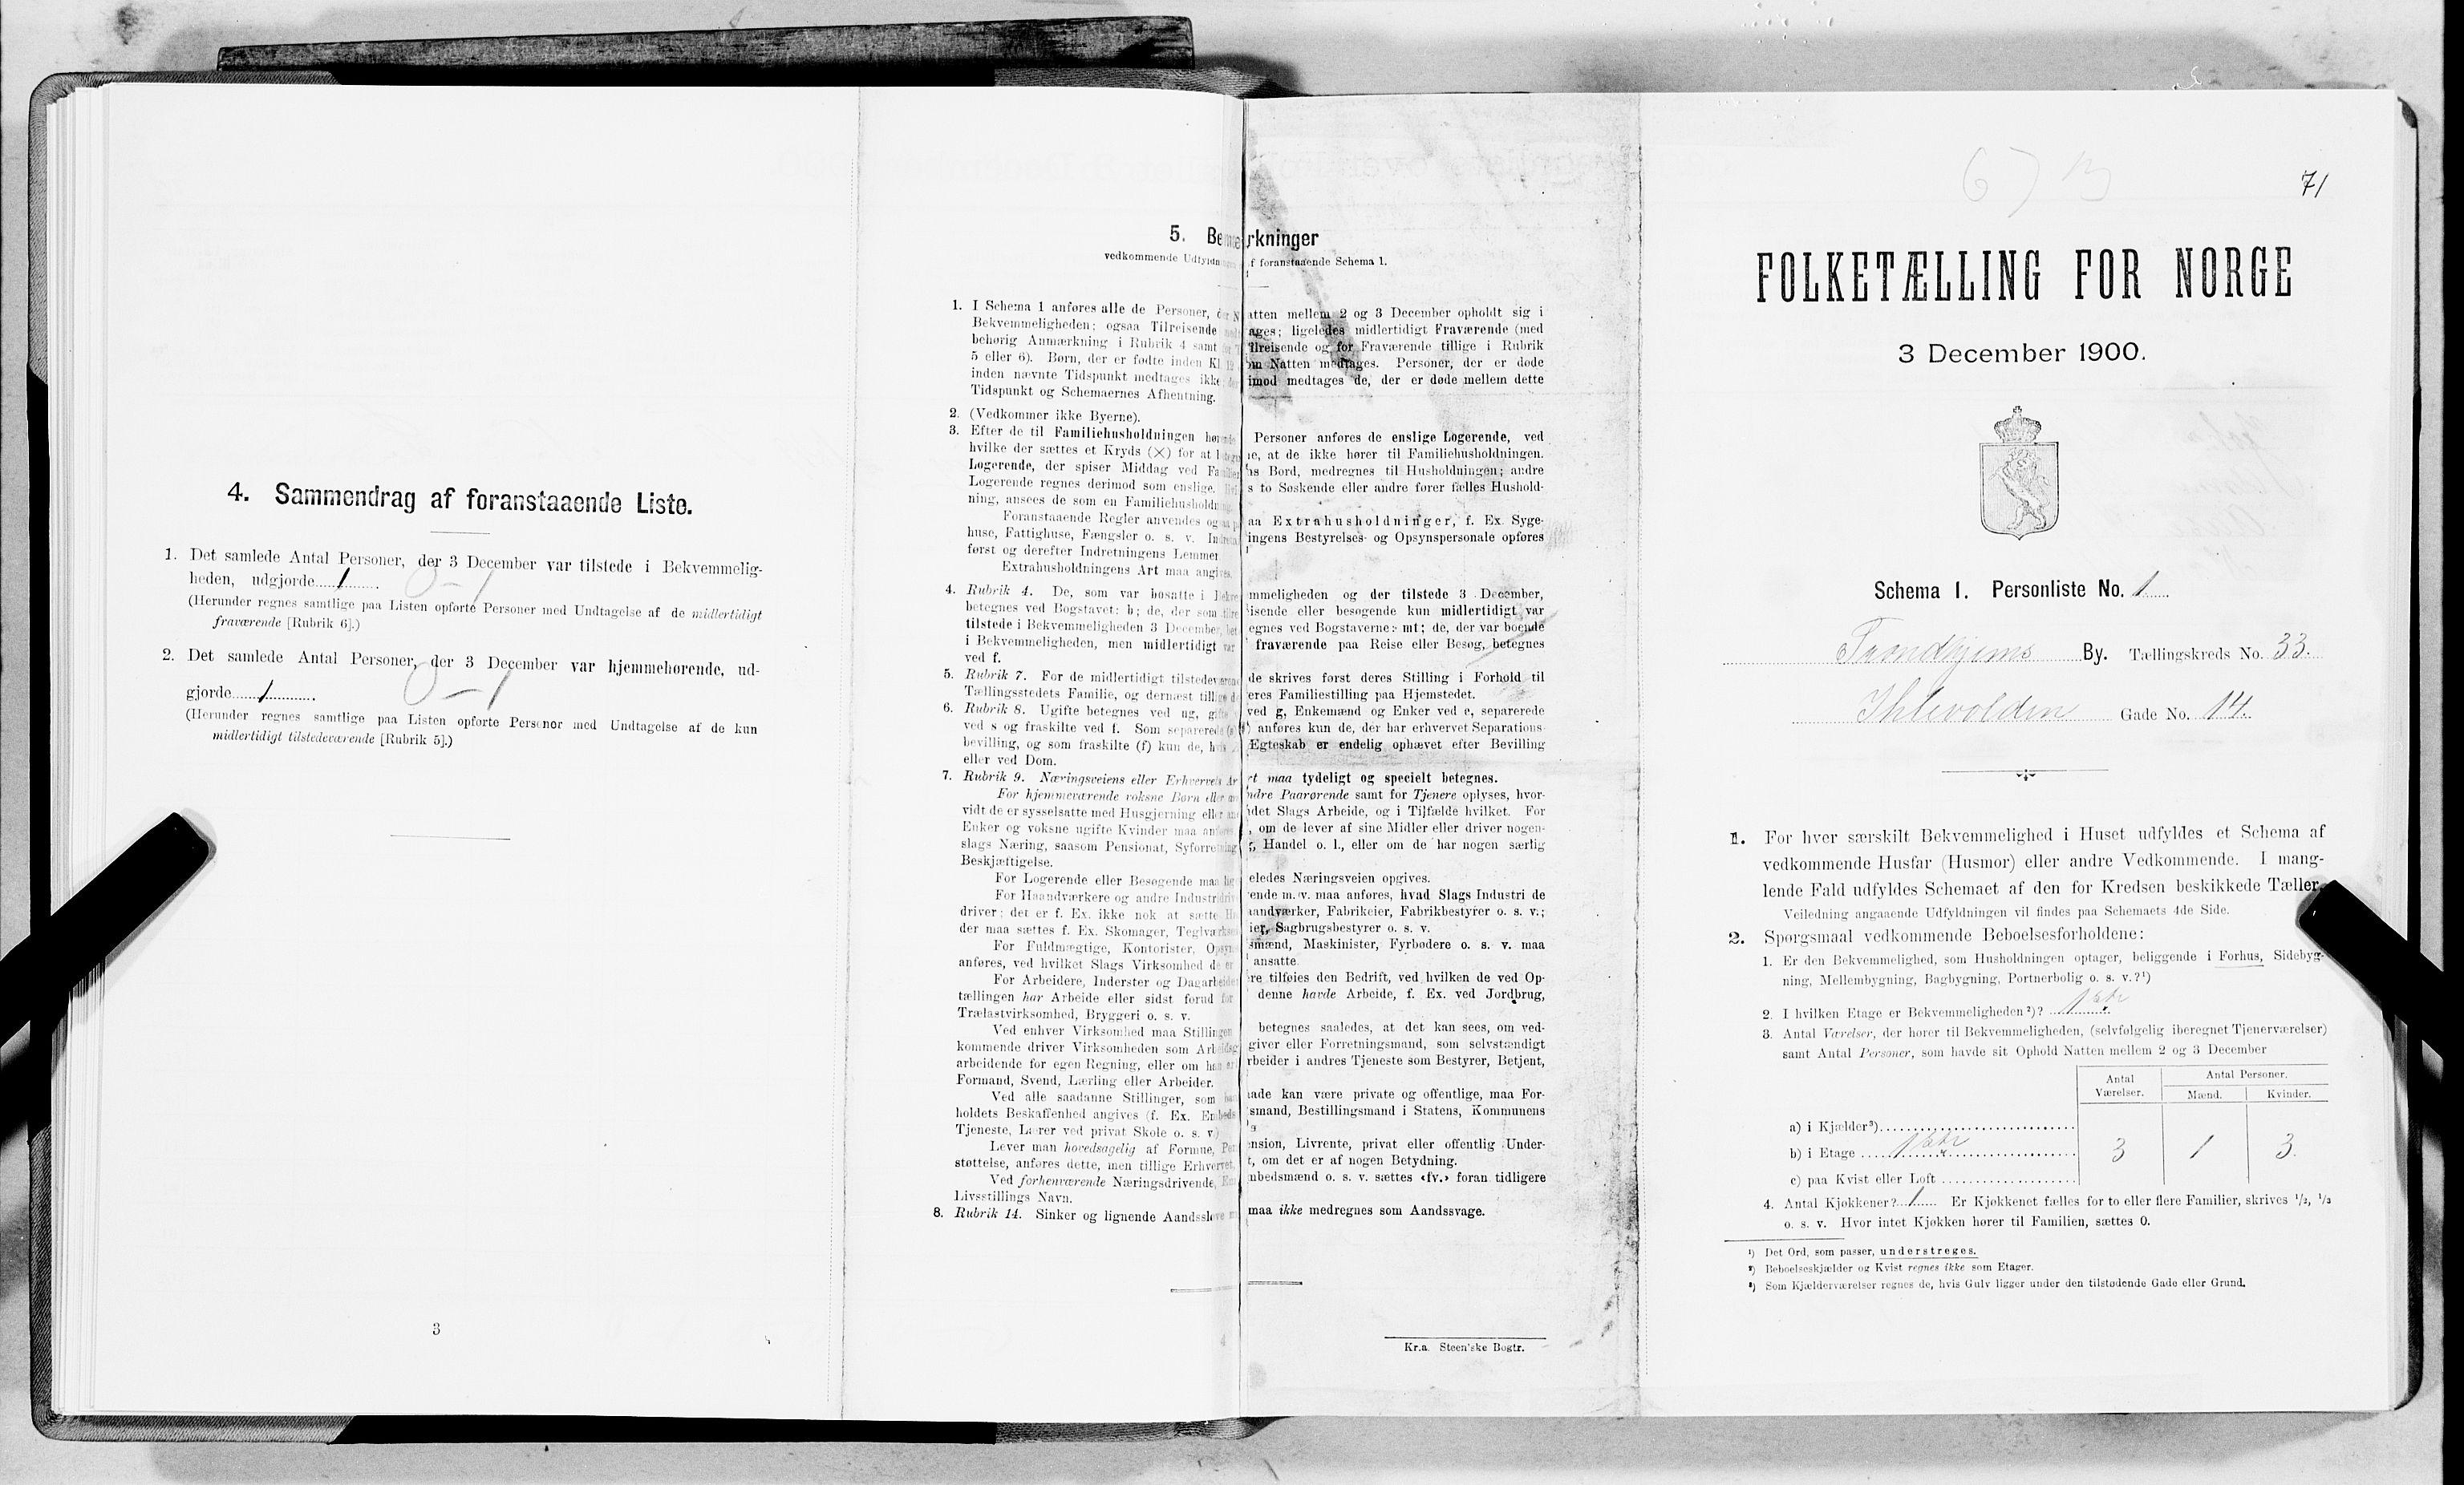 SAT, 1900 census for Trondheim, 1900, p. 5391